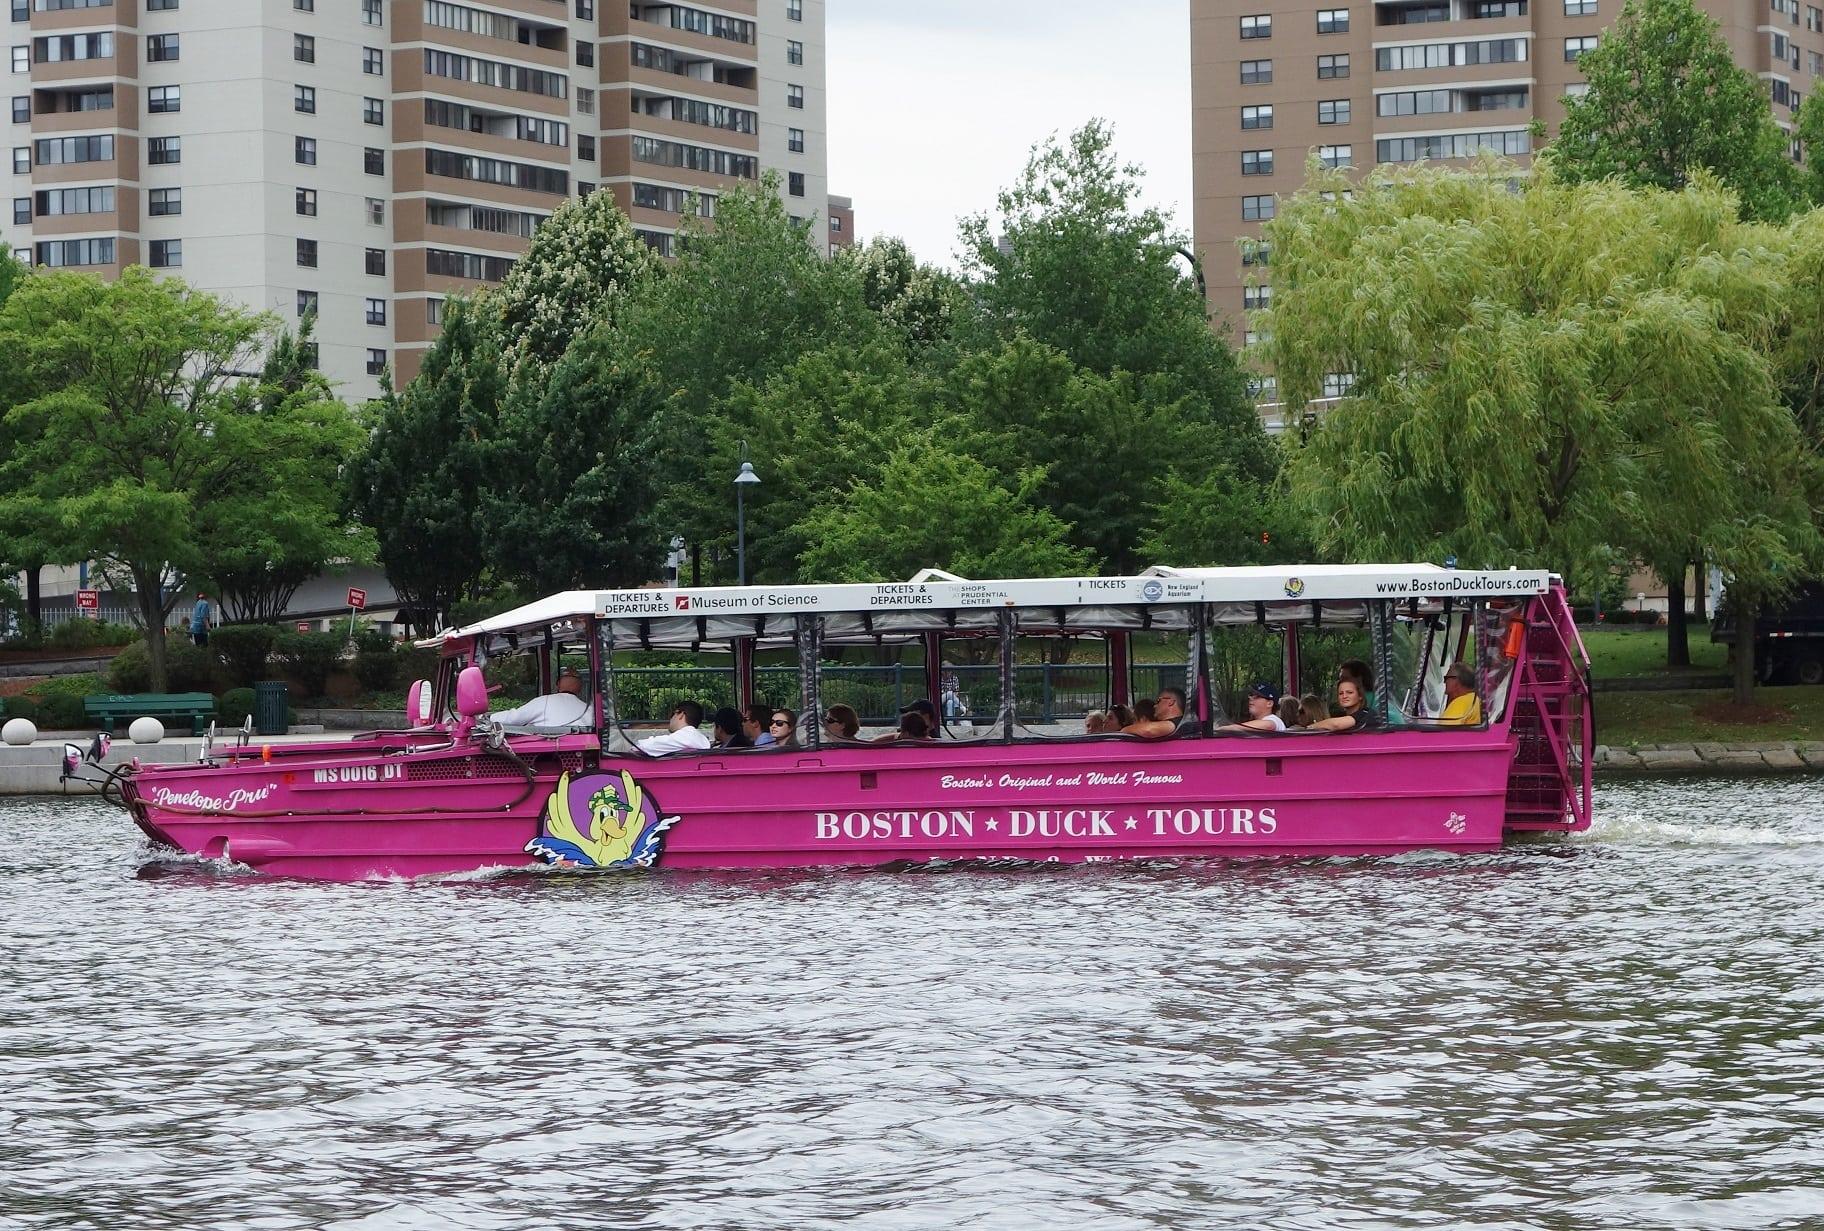 resized duck boat